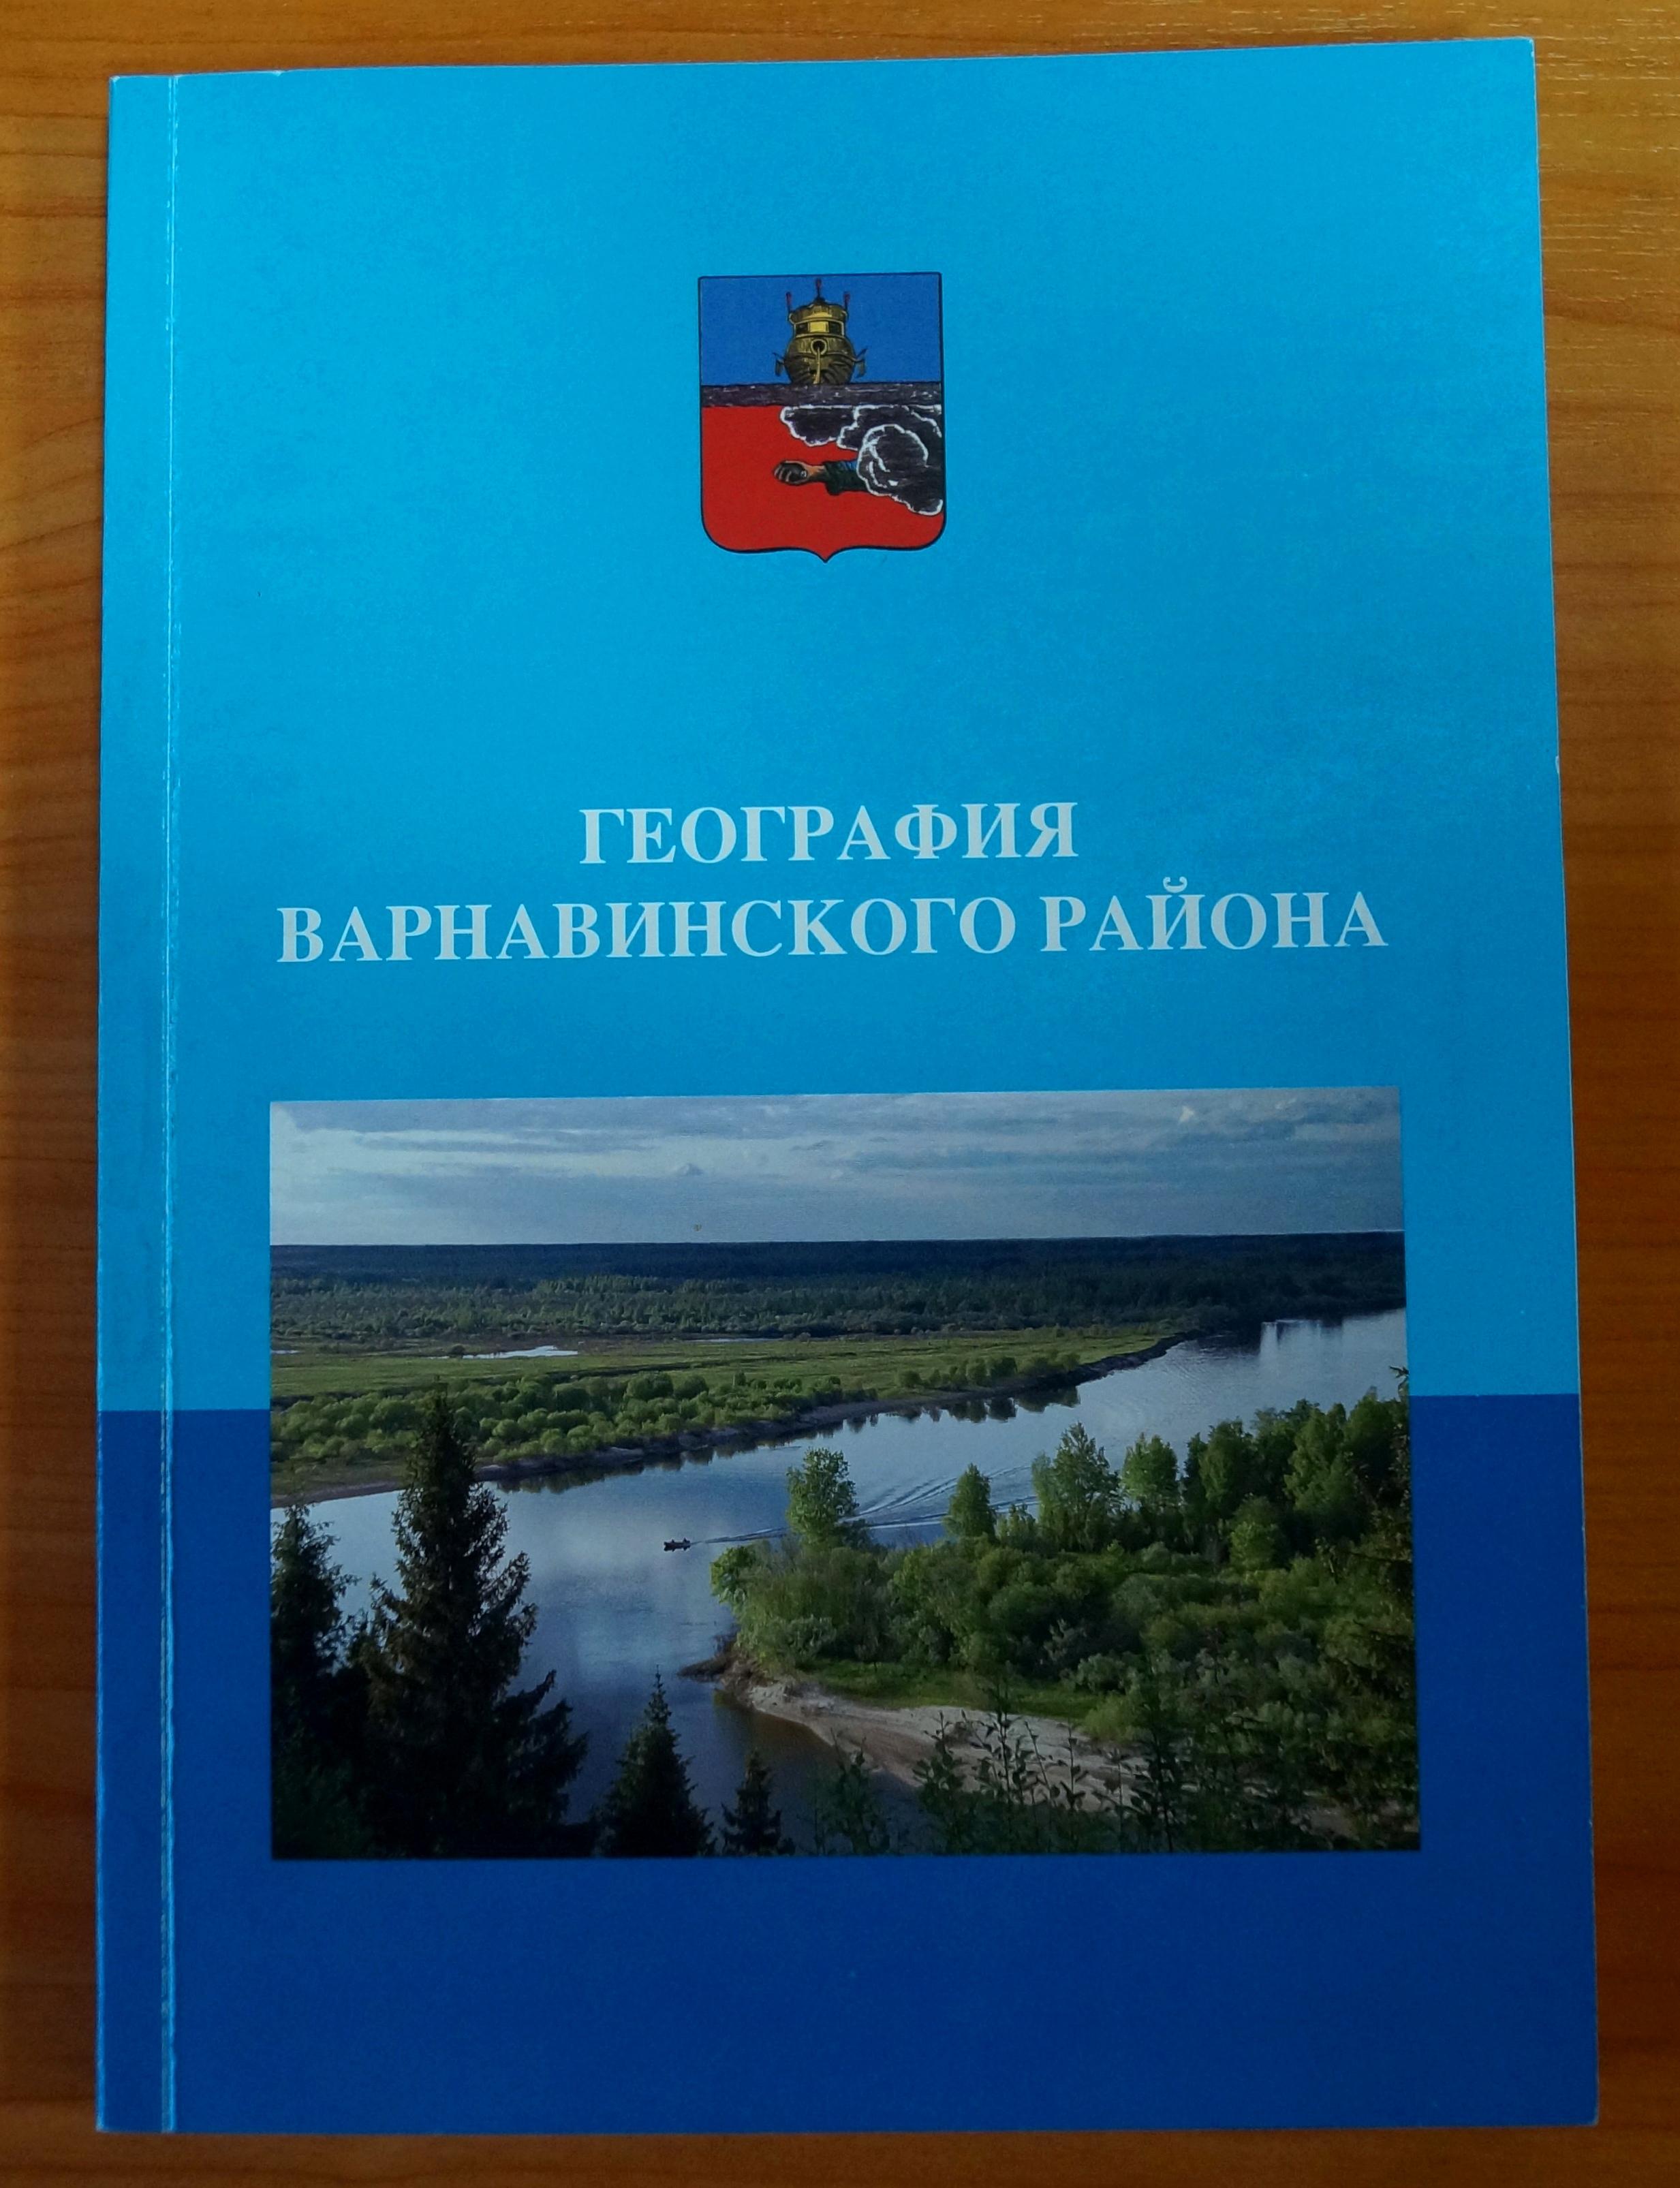 География учебник 8 класс пятунин таможняя читать онлайн бесплатно.